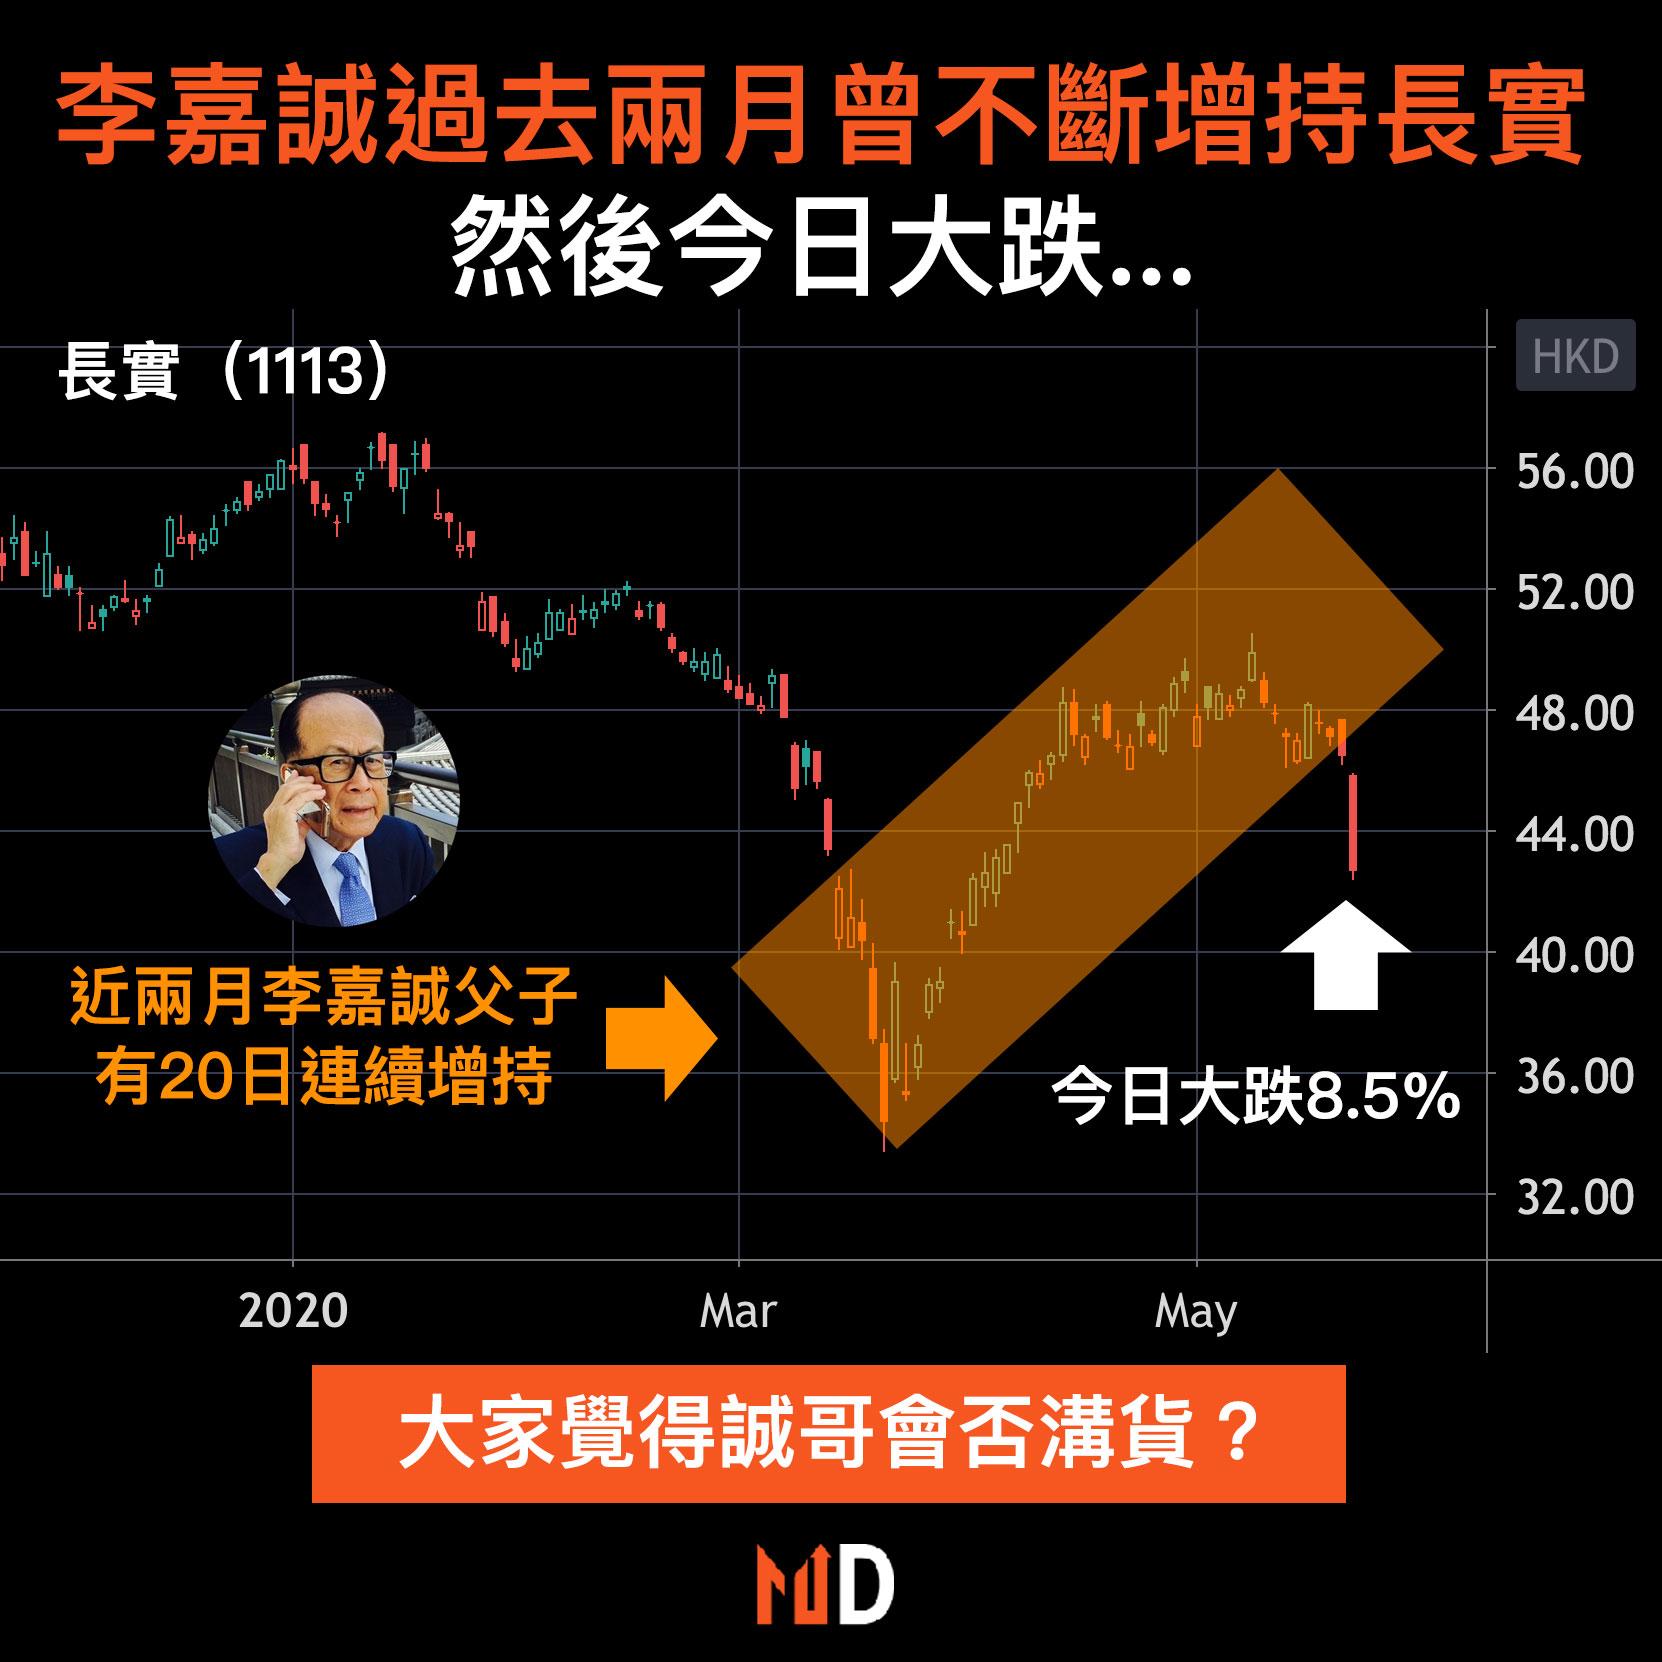 【圖解股市】李嘉誠父子過去兩月曾連續20日增持長實,今日大跌又會否溝貨?